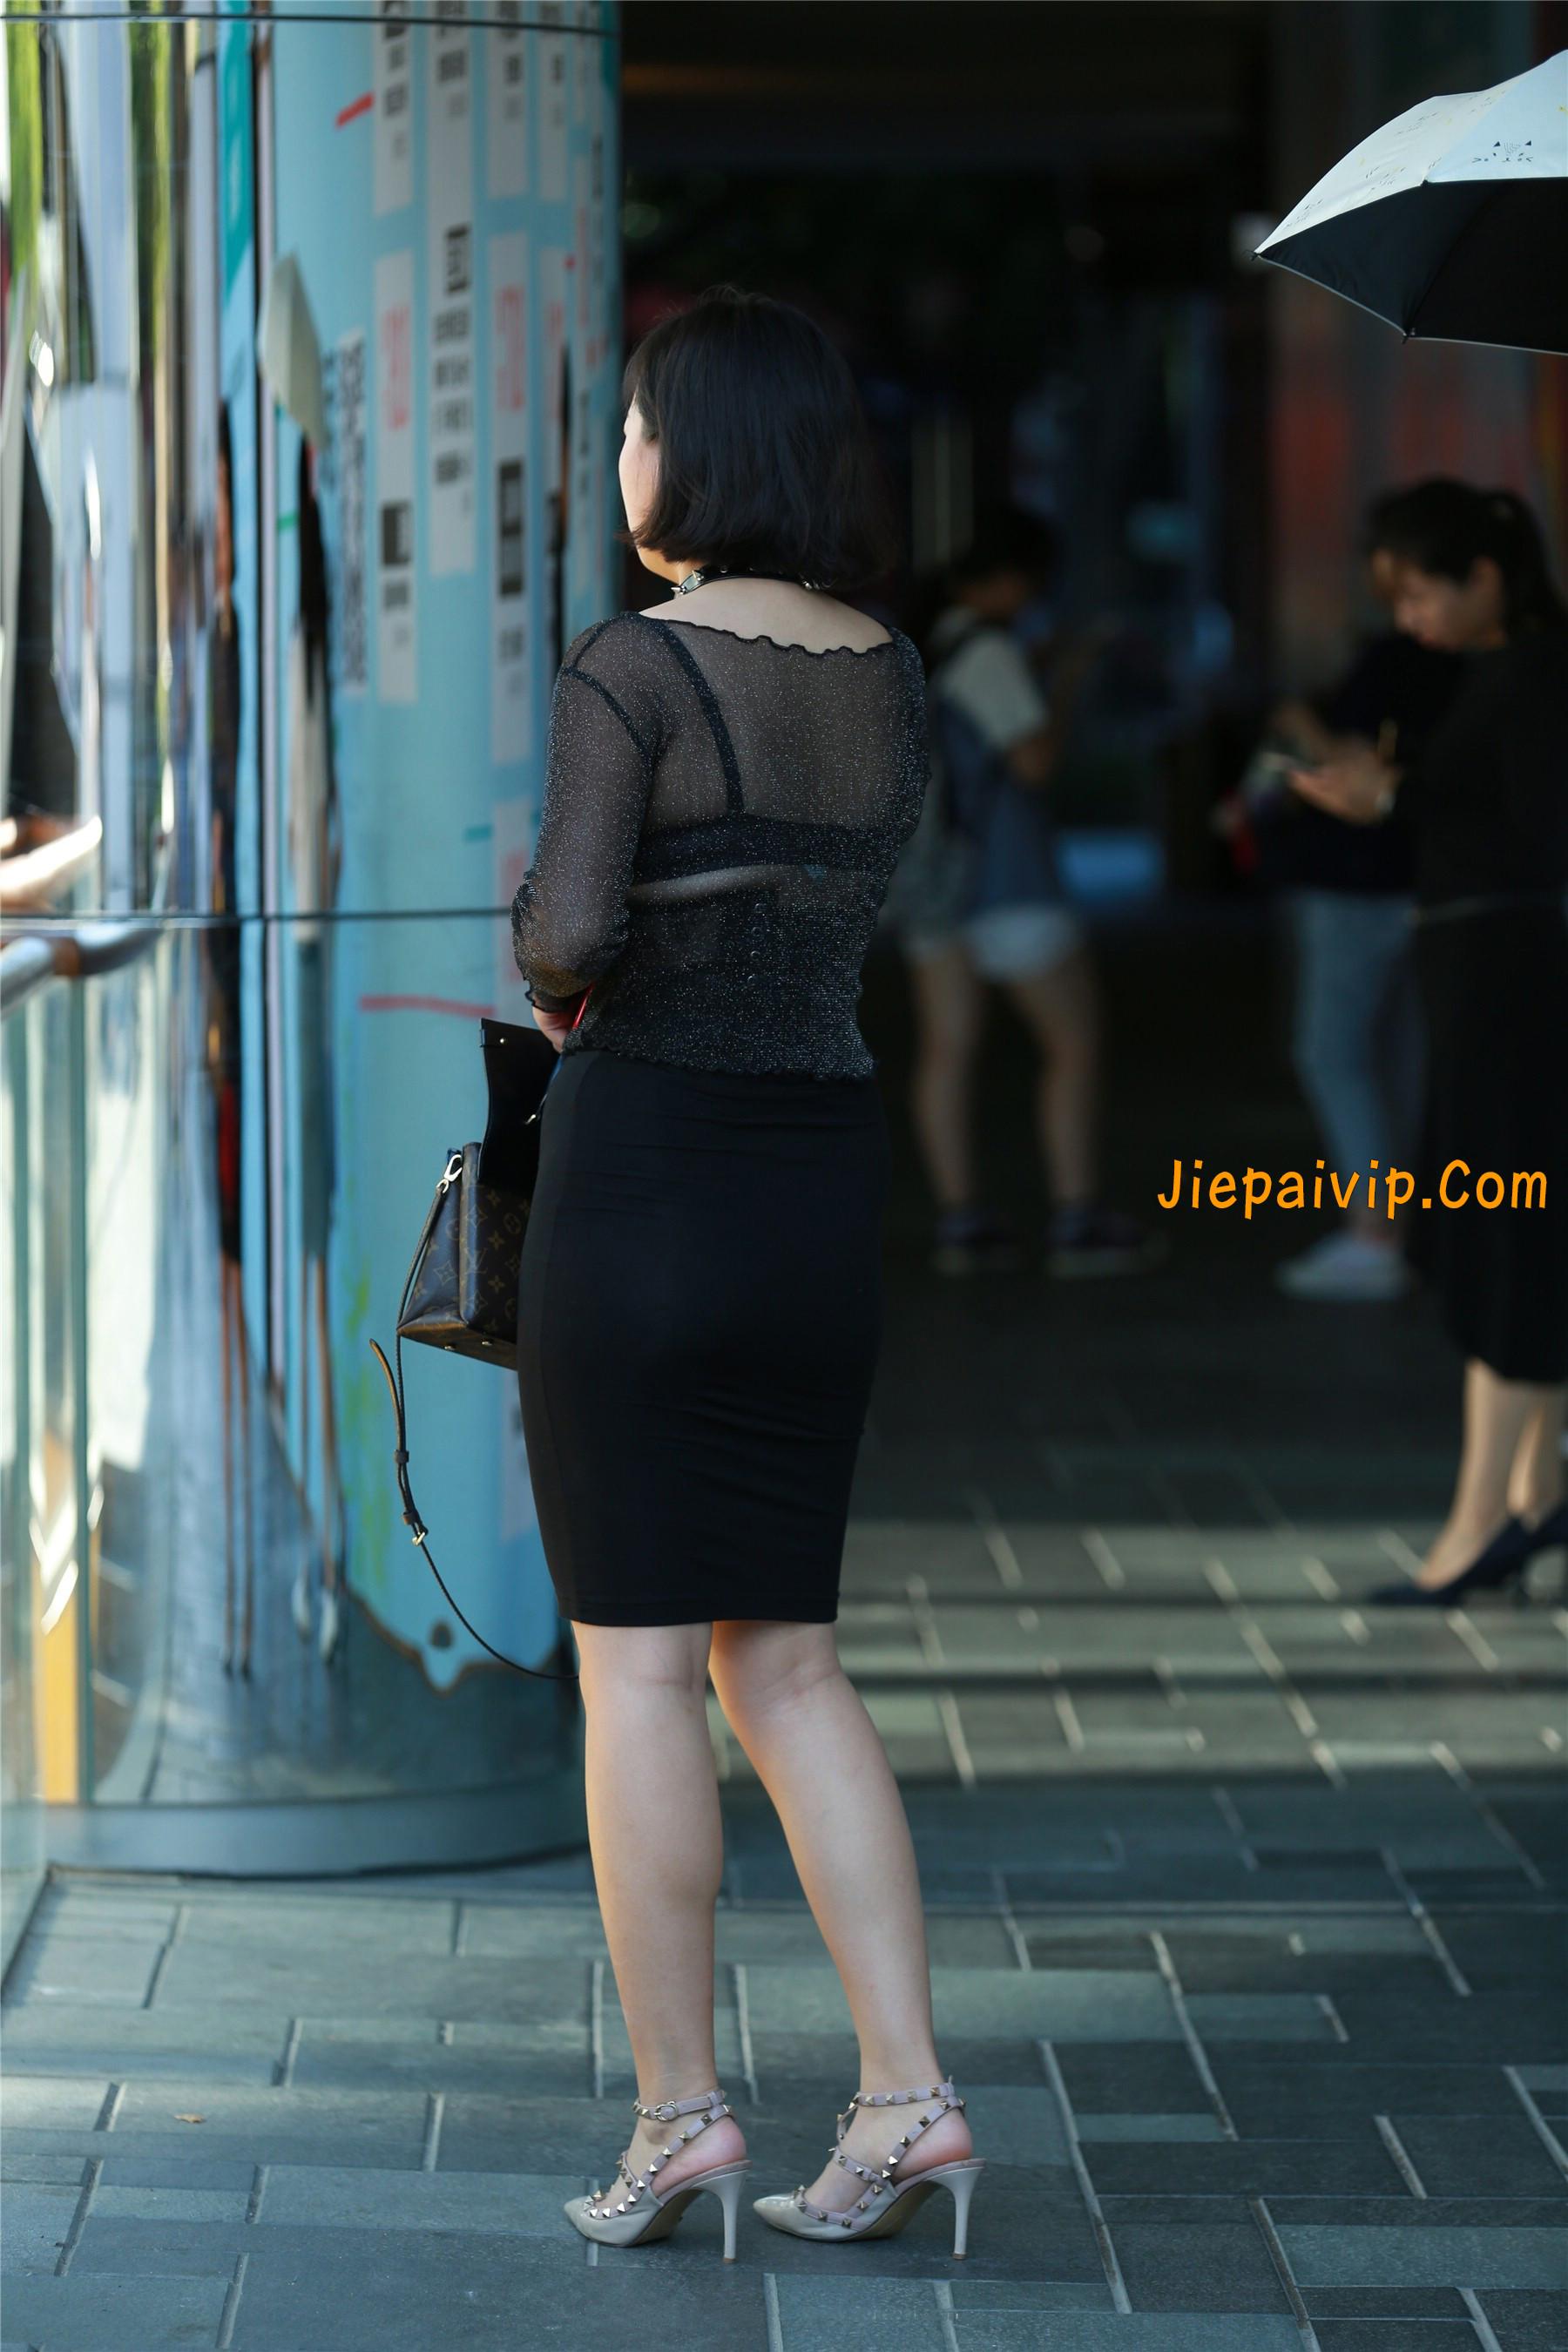 黑纱若隐若现,美腿包臀少妇3